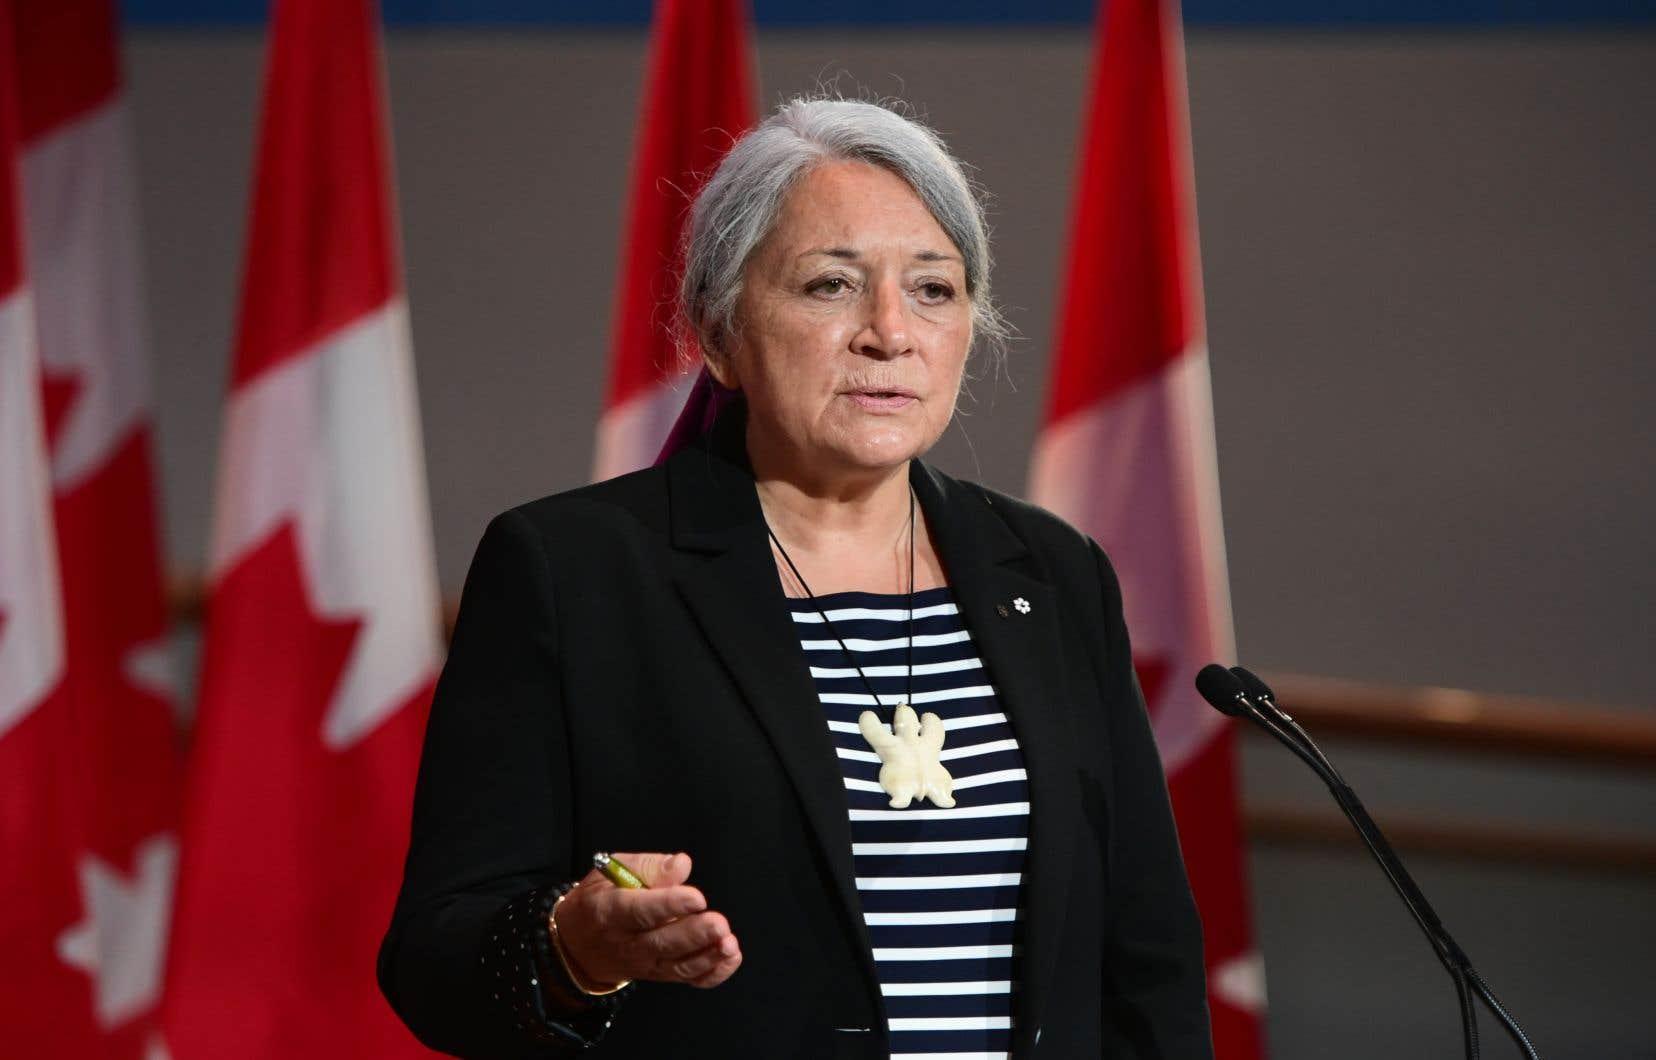 La femme de 73ans vient de Kuujjuaq, au Nunavik, dans le Nord-du-Québec.